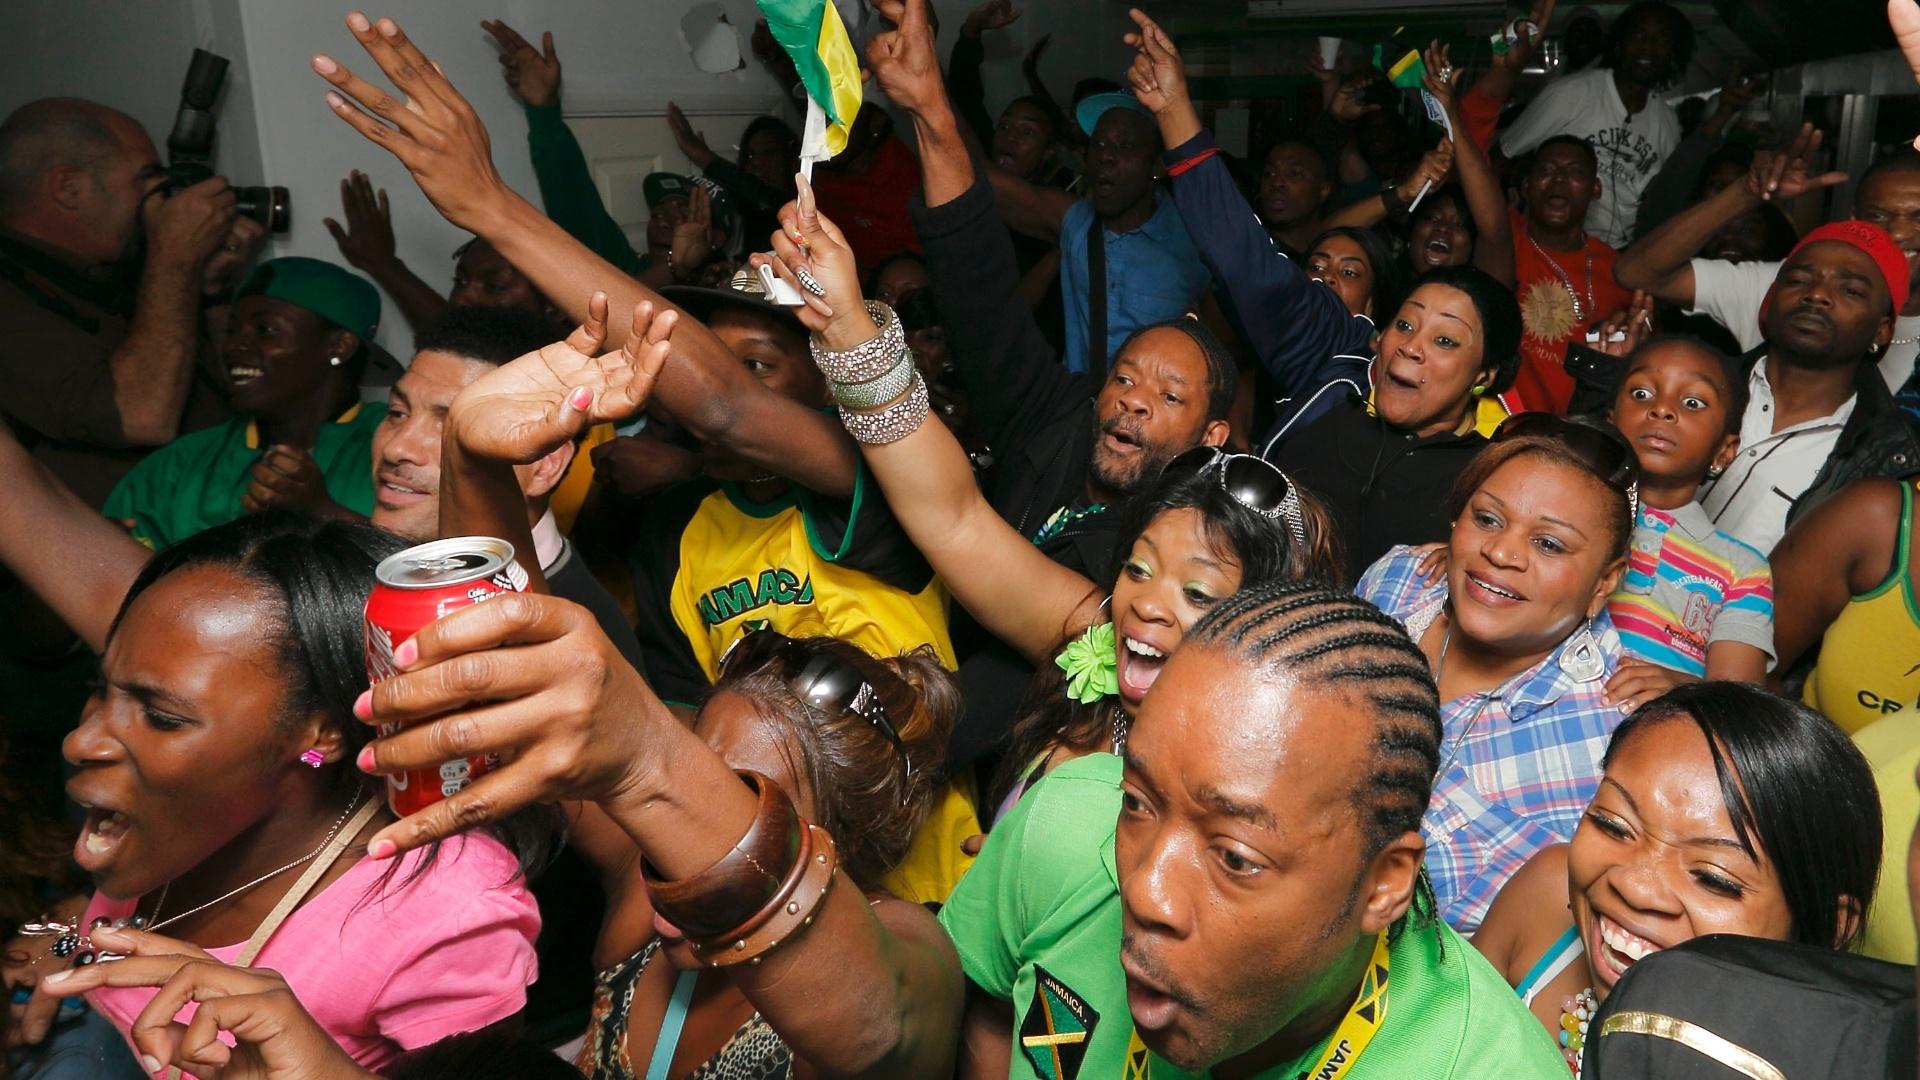 Espectadores da comunidade jamaicana em Brixton, ao sul de Londres, comemoram vitória de Usain Bolt na final olímpica dos 100 m rasos